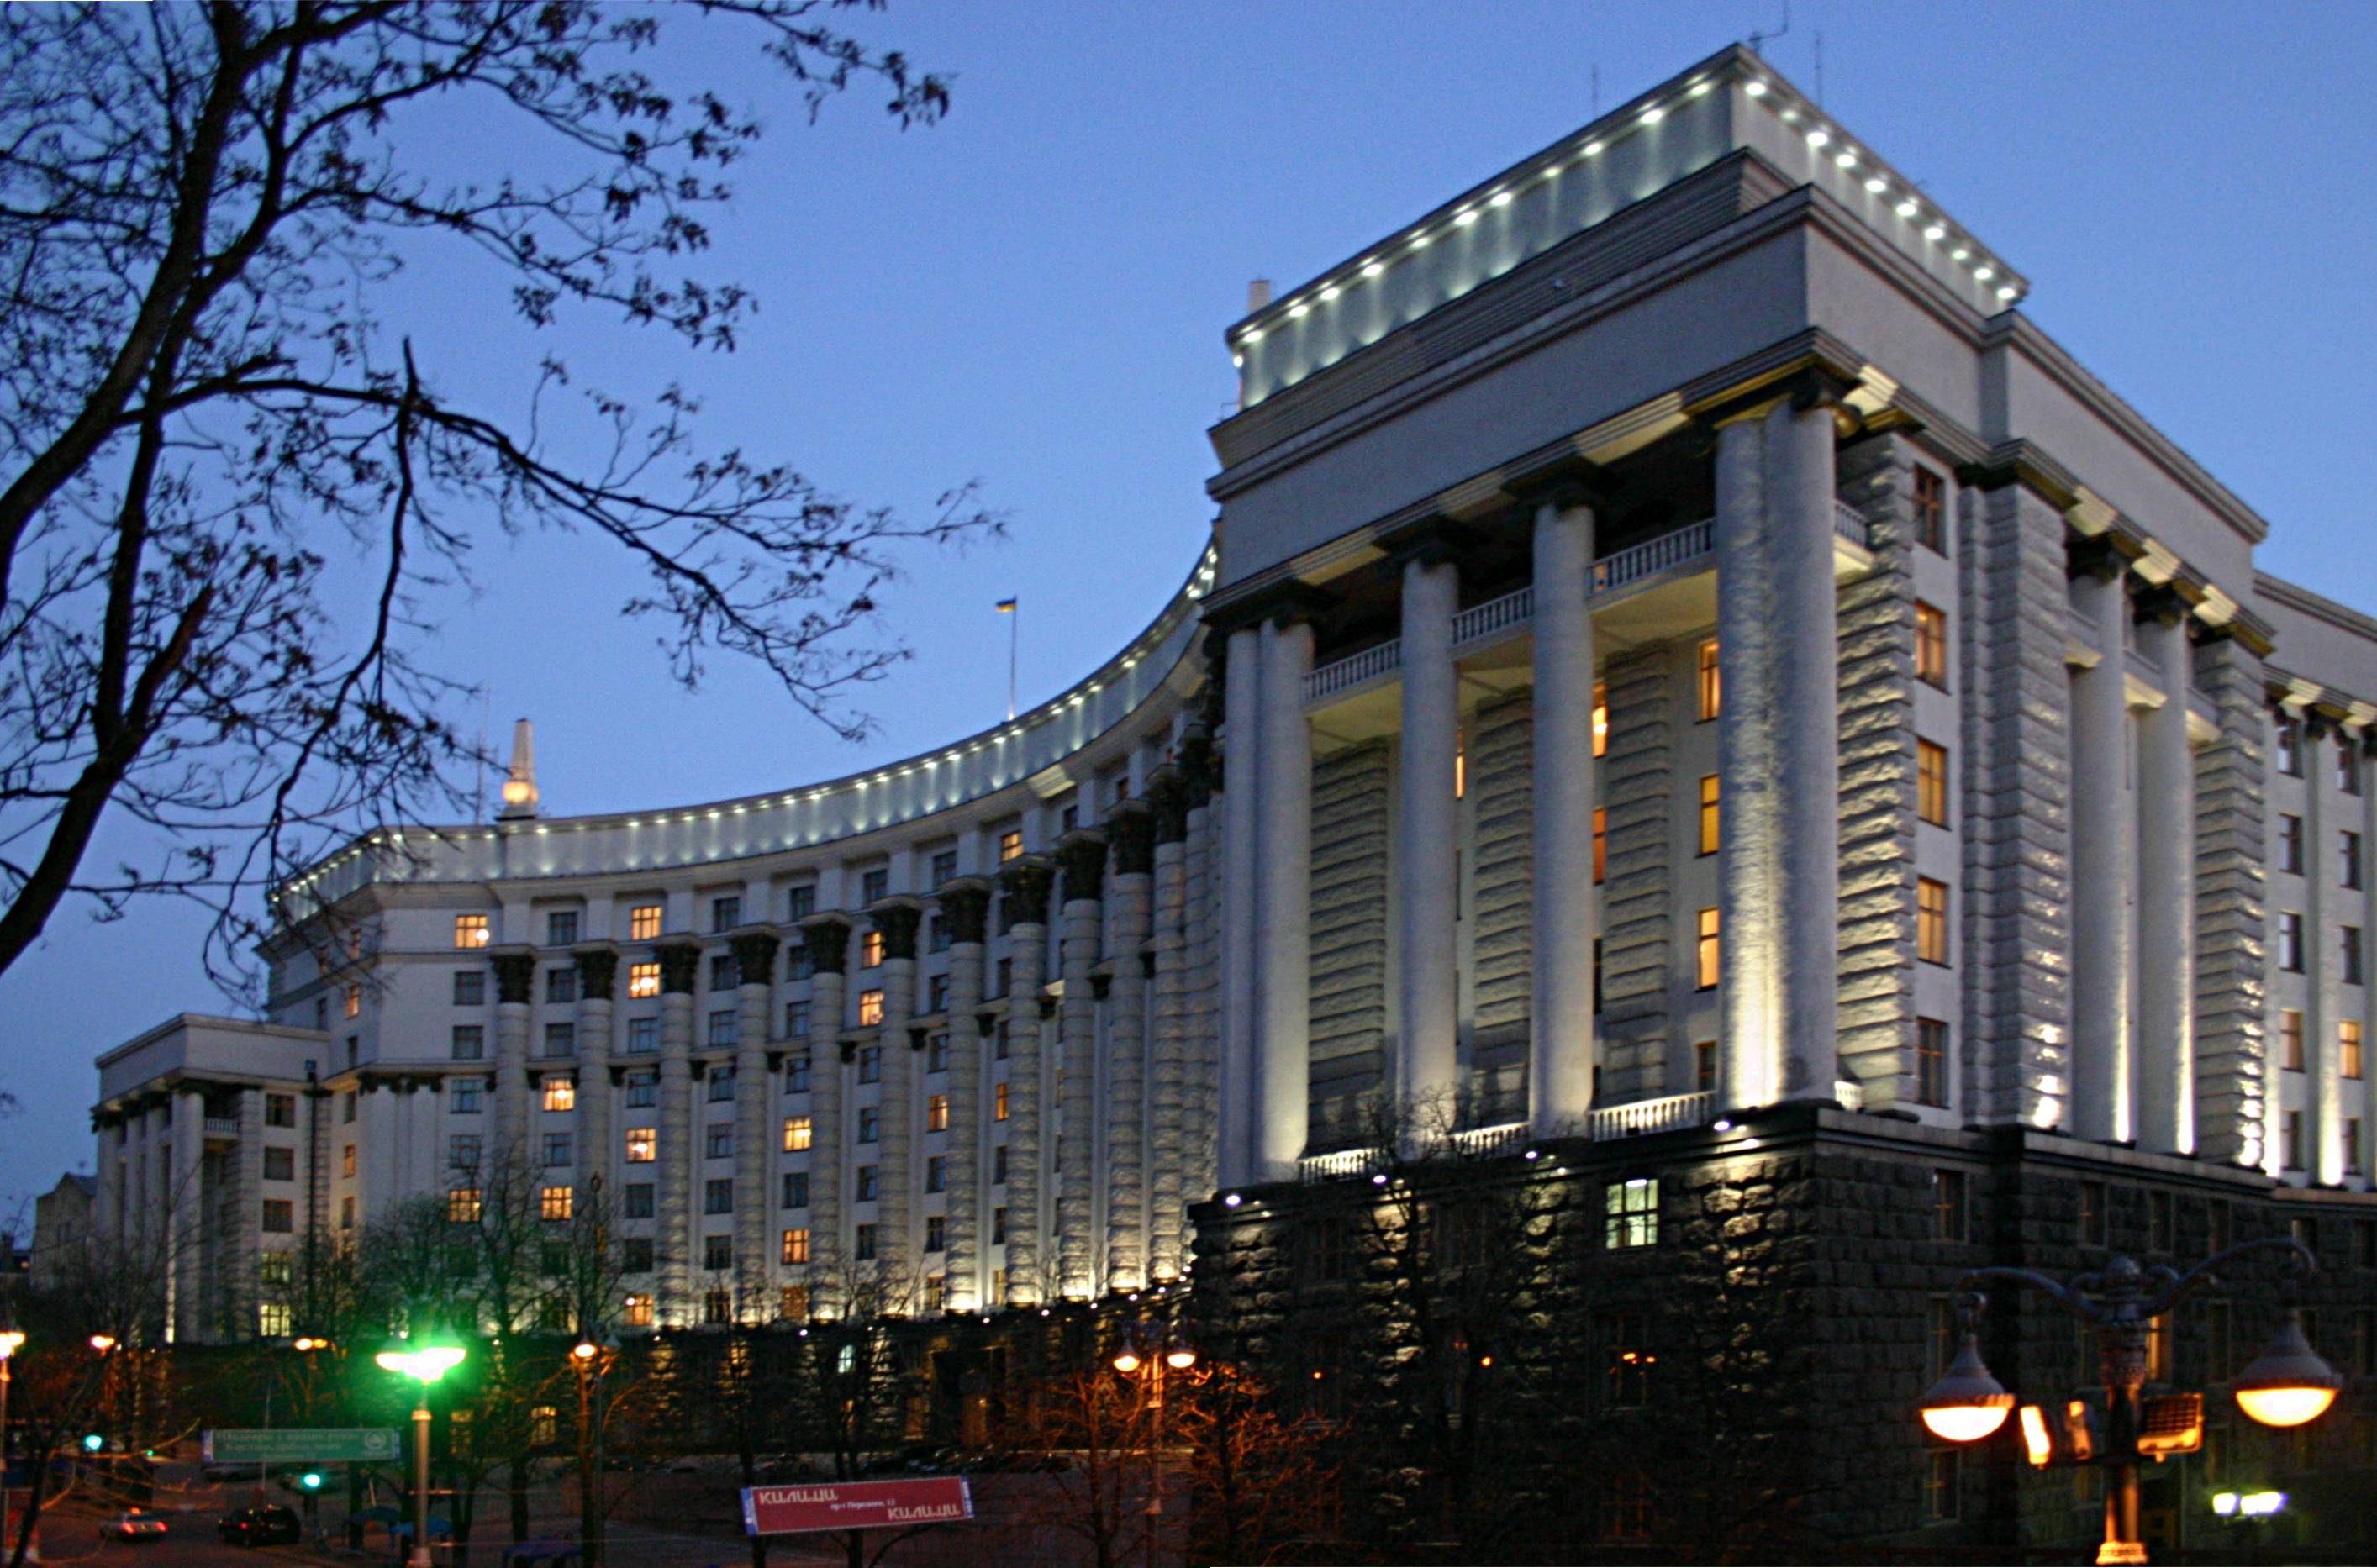 Le siège du gouvernement de Kiev, capitale de l'Ukraine © Daniel Haußmann sous licence CC-BY-SA-3.0